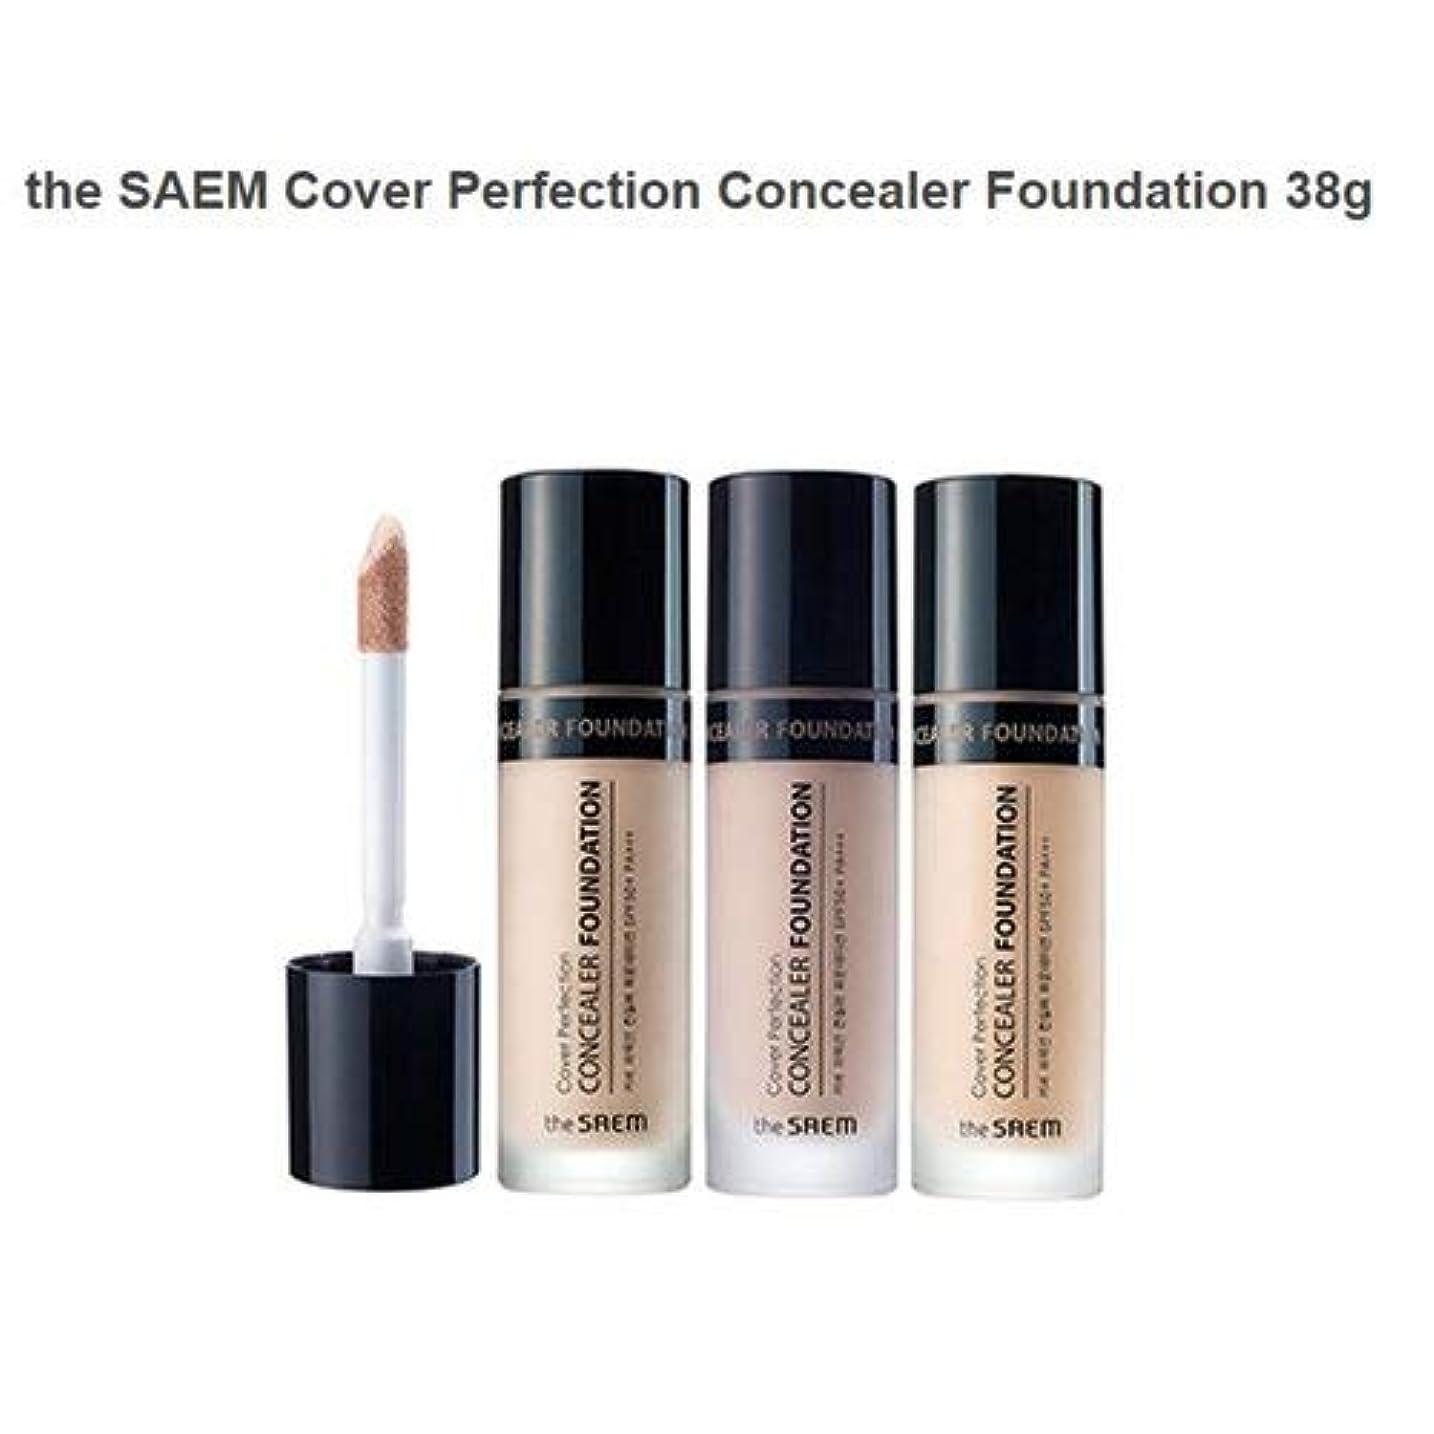 太字つかまえる考案する【The Saem】カバーパーフェクションコンシーラーファンデーション Cover Perfection CONCEALER FOUNDATION 【SPF50+ PA+++】 ((ConclearFoundation)...